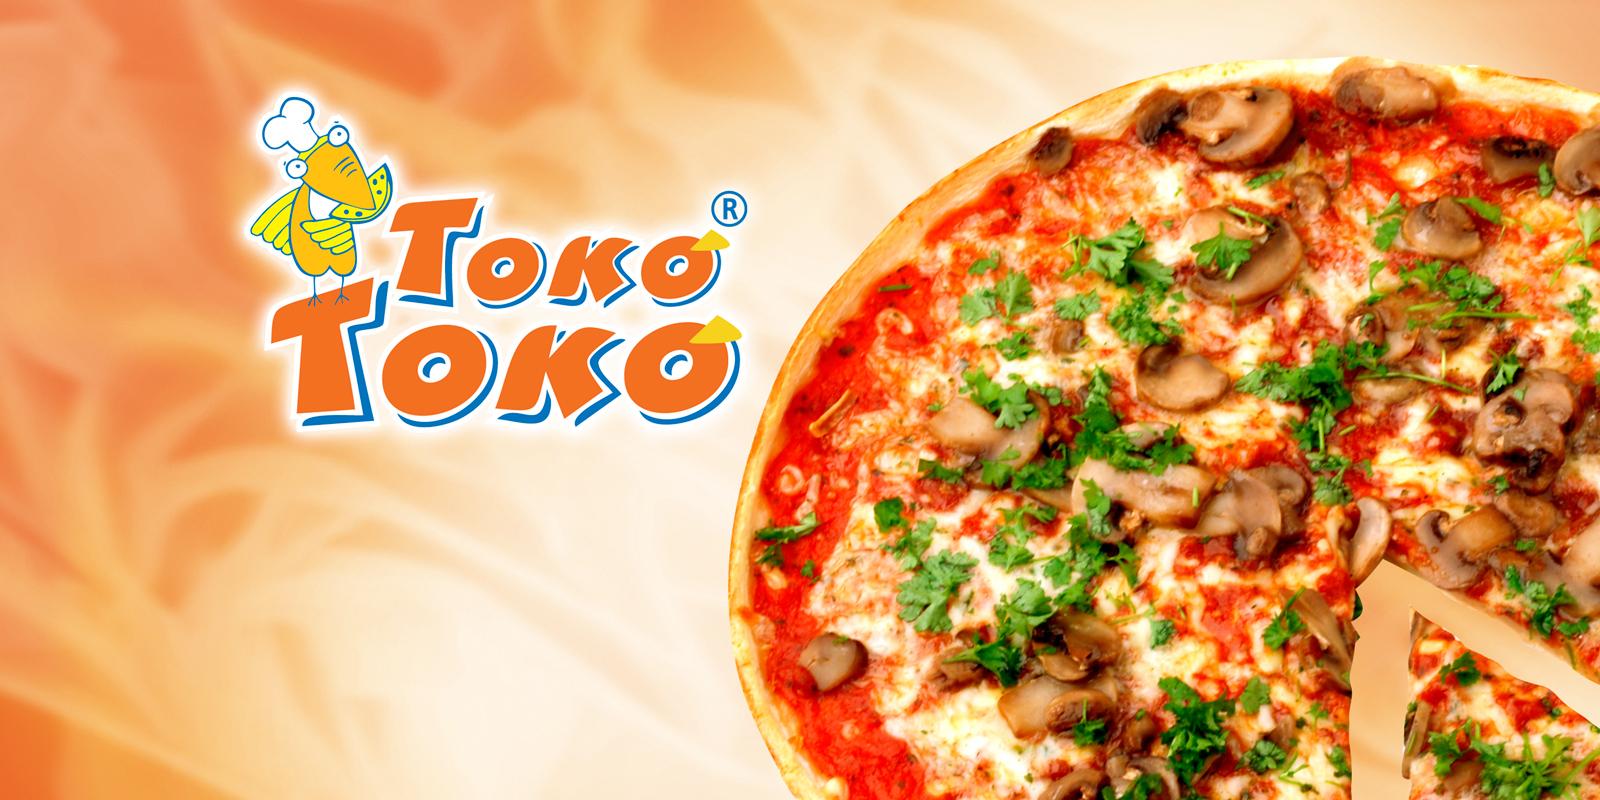 Сеть пиццерий «Токо Токо»;;;;;;Разработка логотипа (сеть пиццерий);;;;;;<span>Клиент:</span> Сеть пиццерий «Токо Токо»;;;;;;;;;;;;Разработка логотипа (сеть пиццерий);;;;;;1